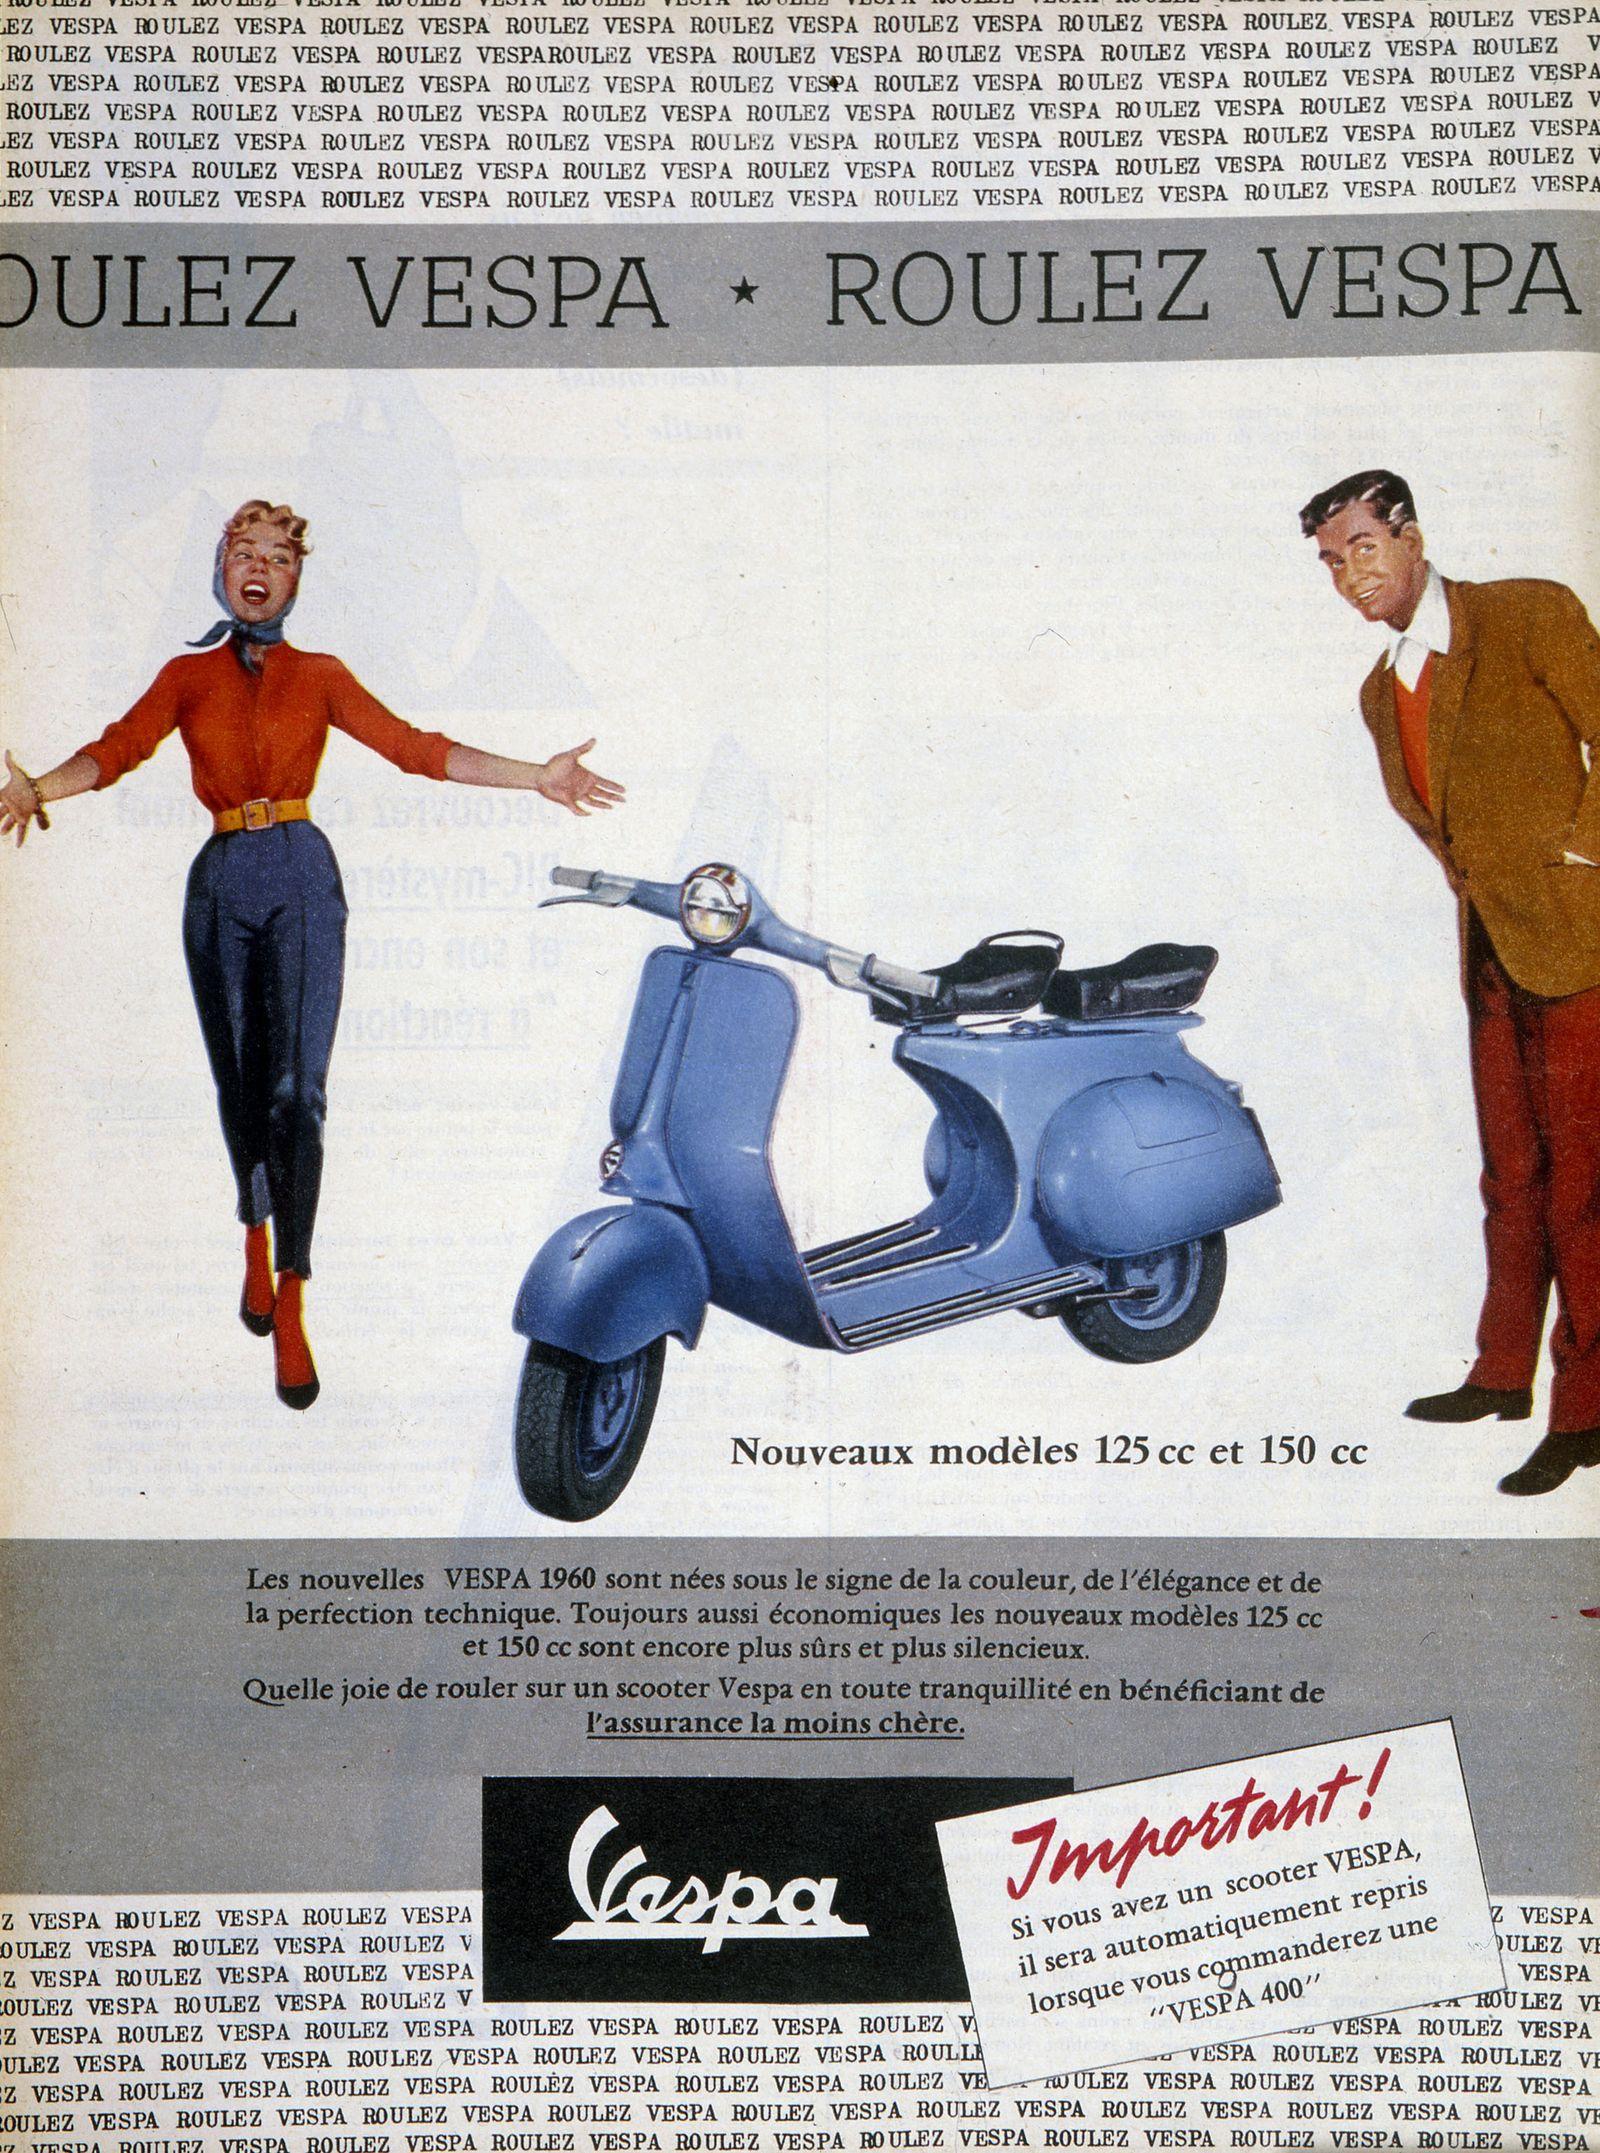 Vespa Publicite pour les scooters de la marque Vespa publiee dans Match du 2 mai 1959. Credit : Collection KHARBINE-TAPA